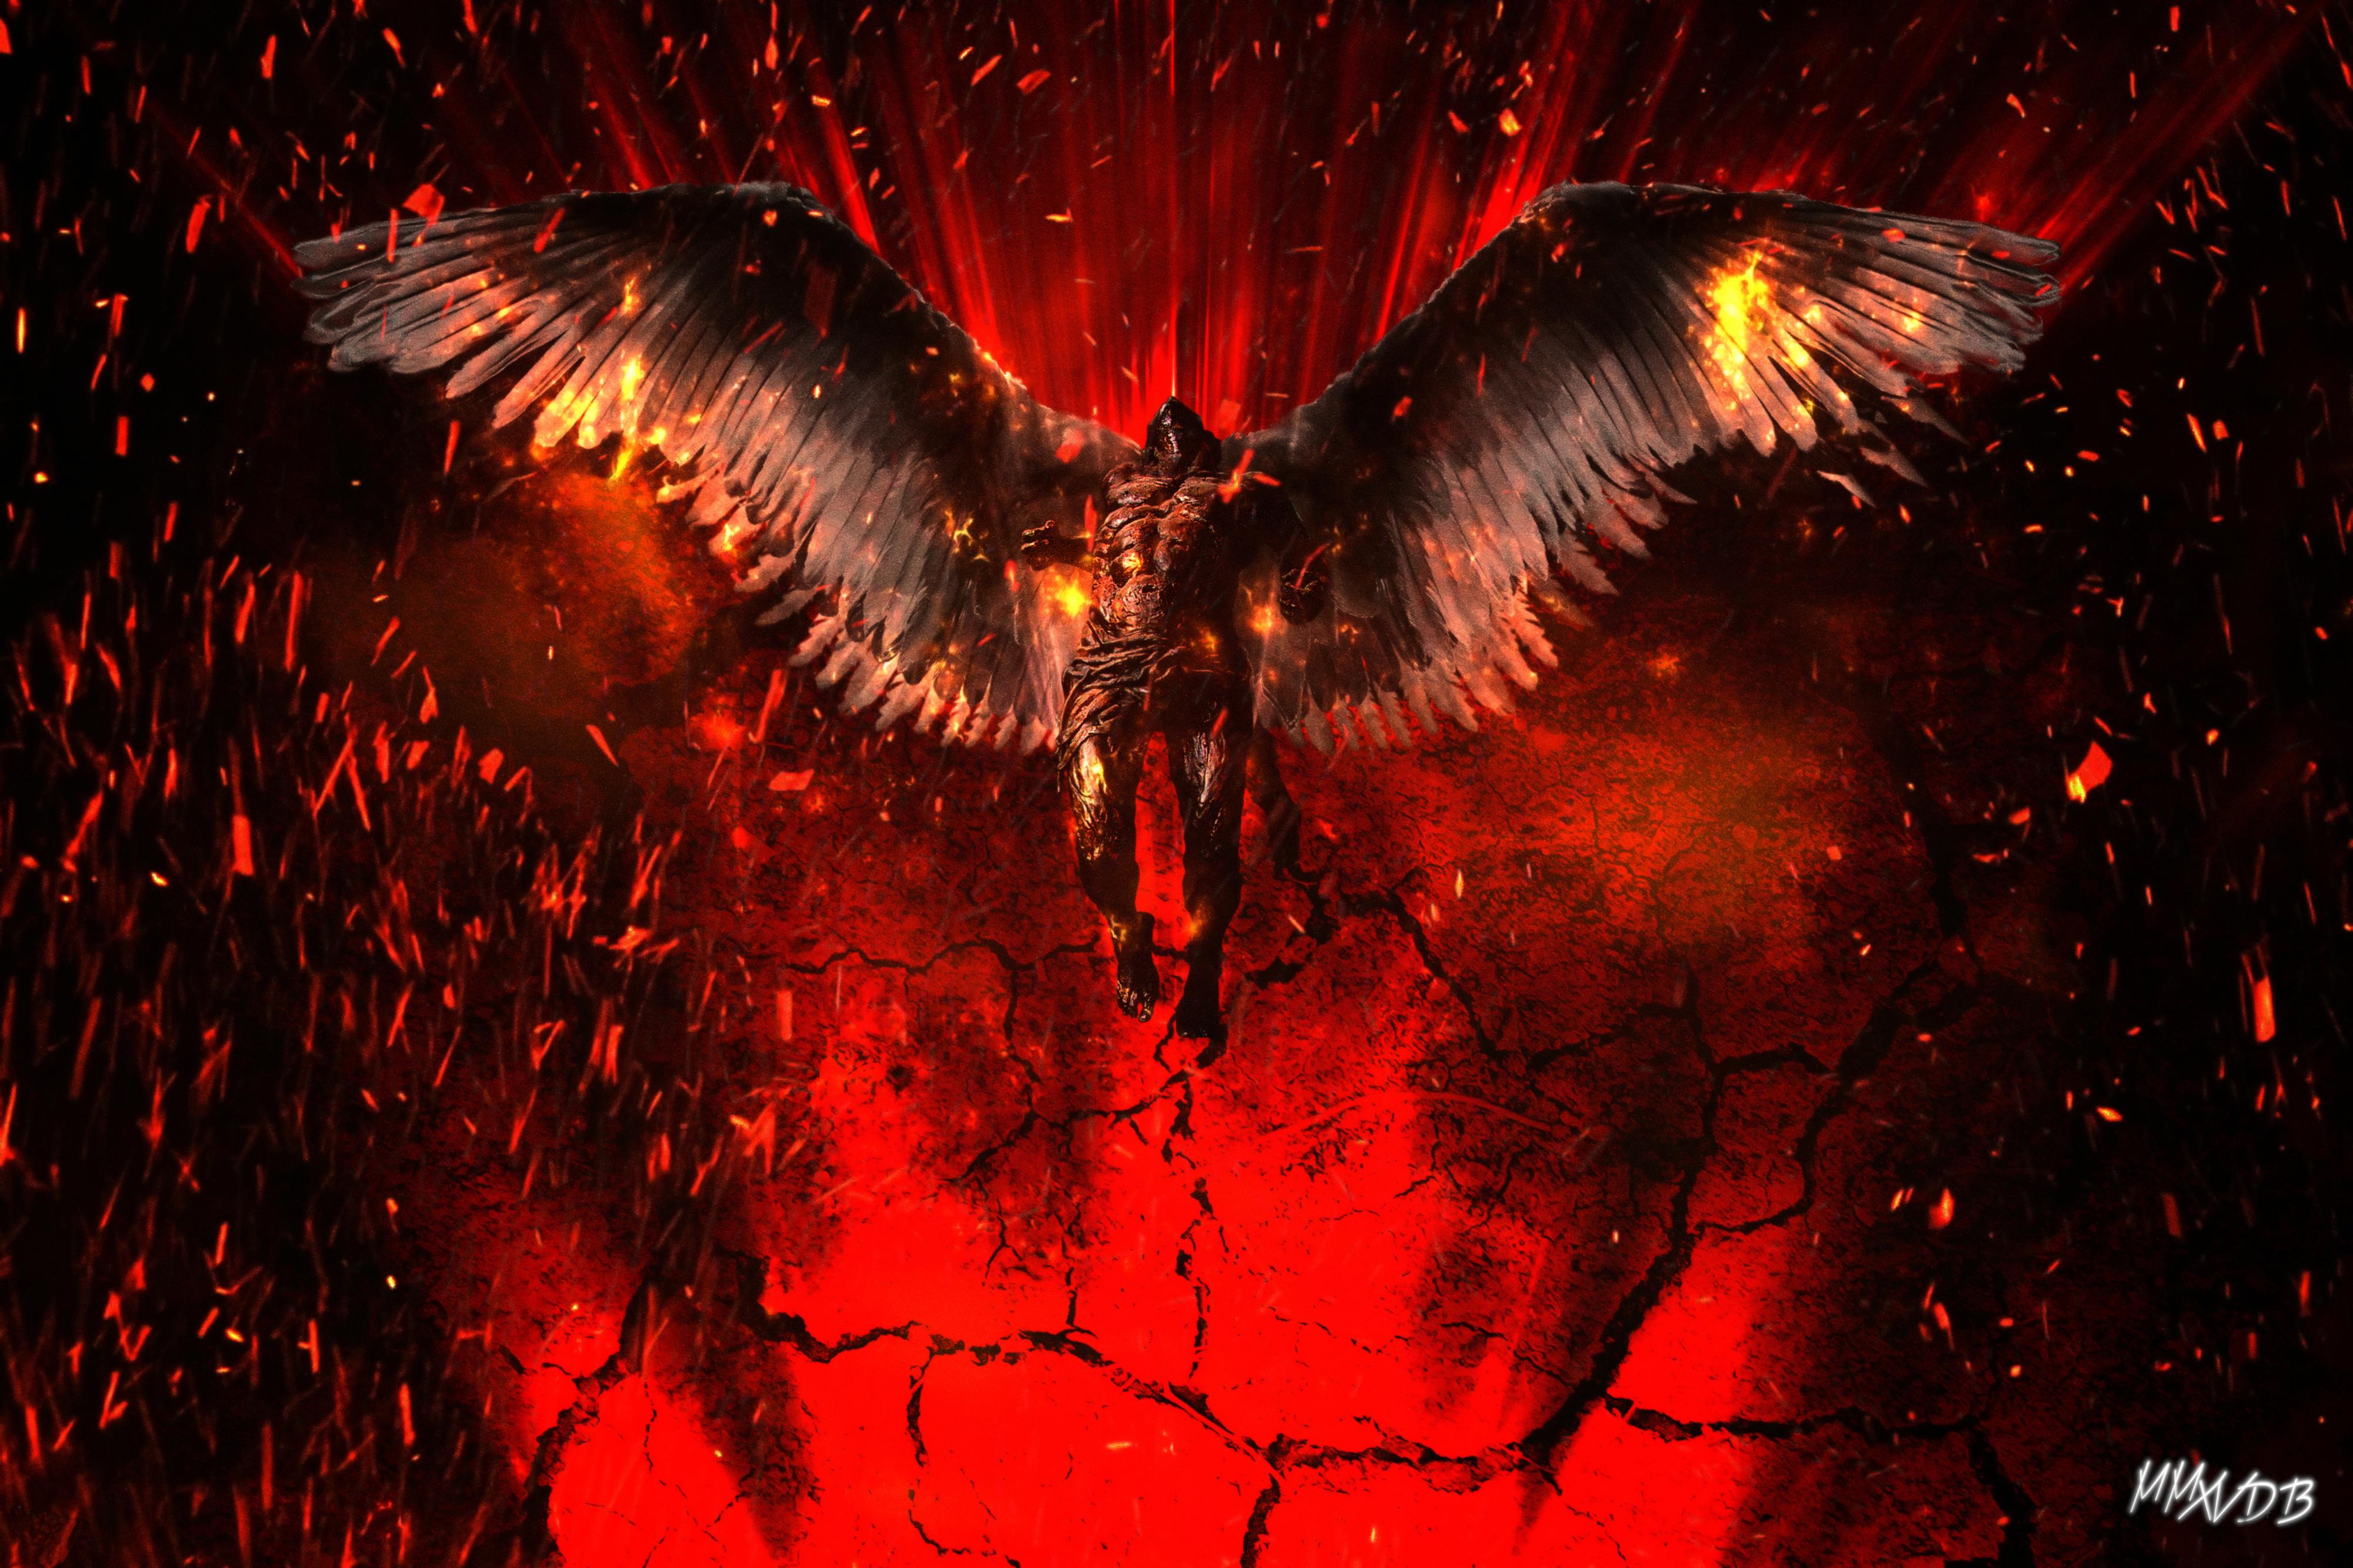 Lucifer 4k Artwork Wallpaper Hd Artist 4k Wallpapers